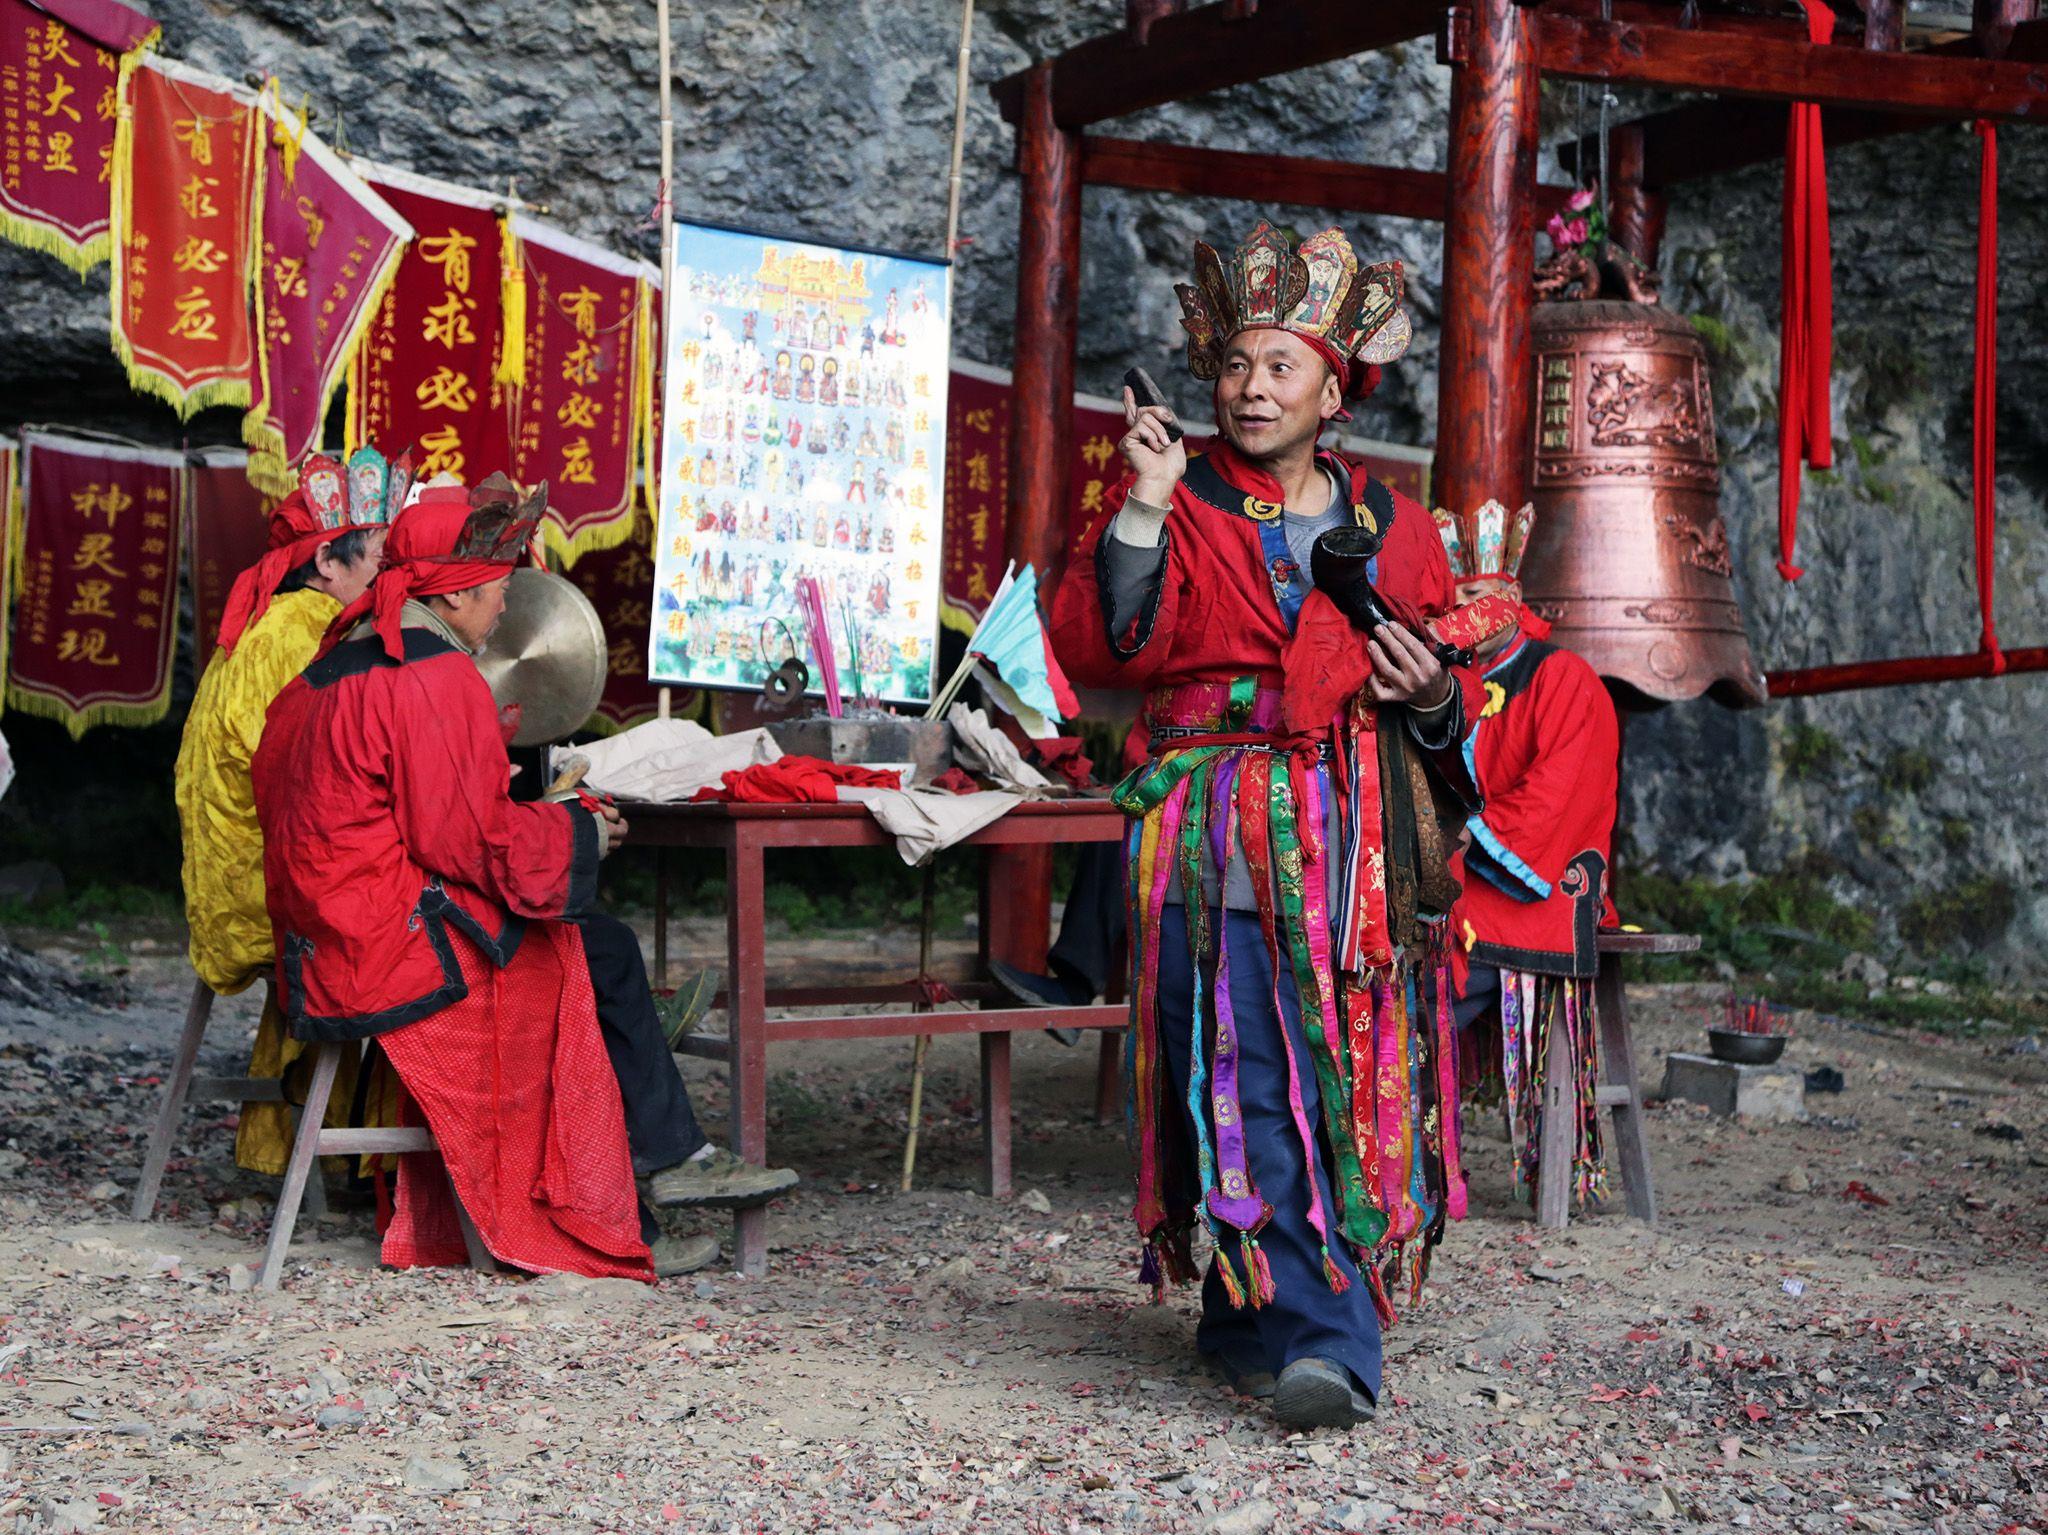 روستای نینجانگ، شهر هانژونگ، استان شاآنشی، چین: هی... [Photo of the day - اکتوبر 2018]